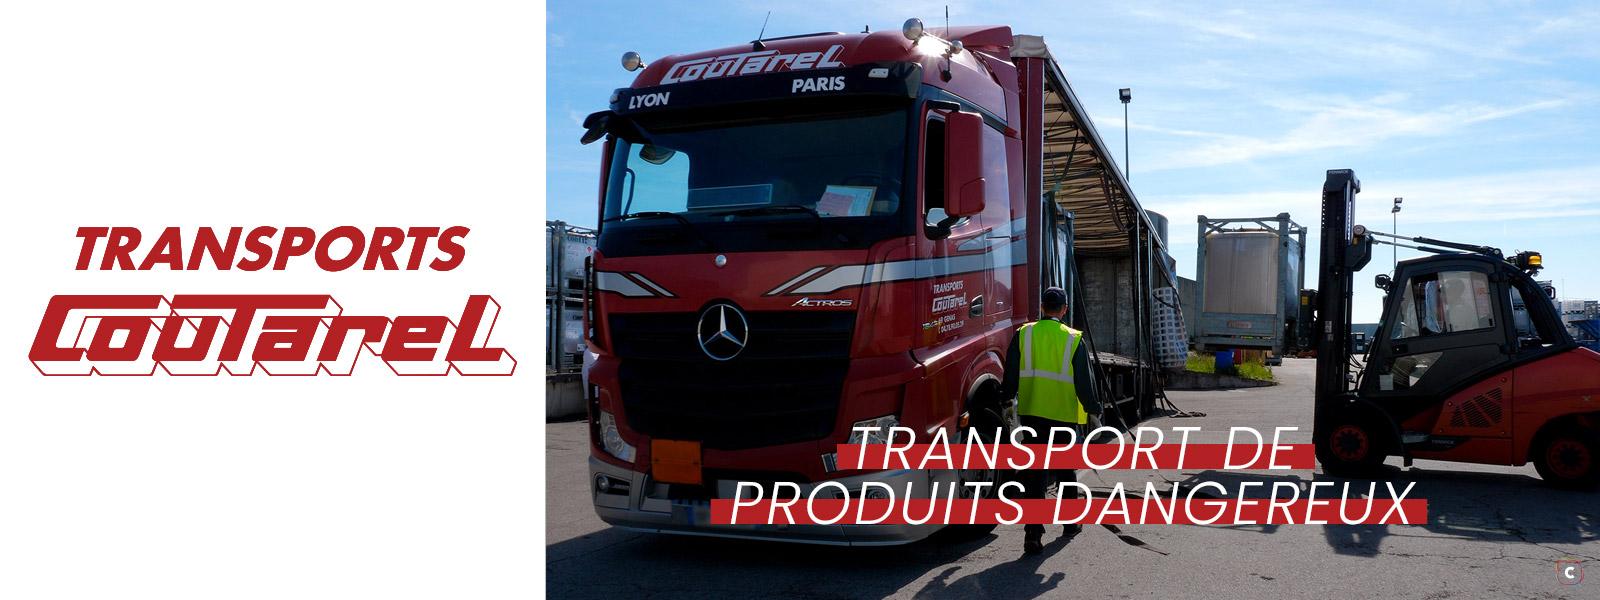 Transport de produits dangereux: la sécurité prime!